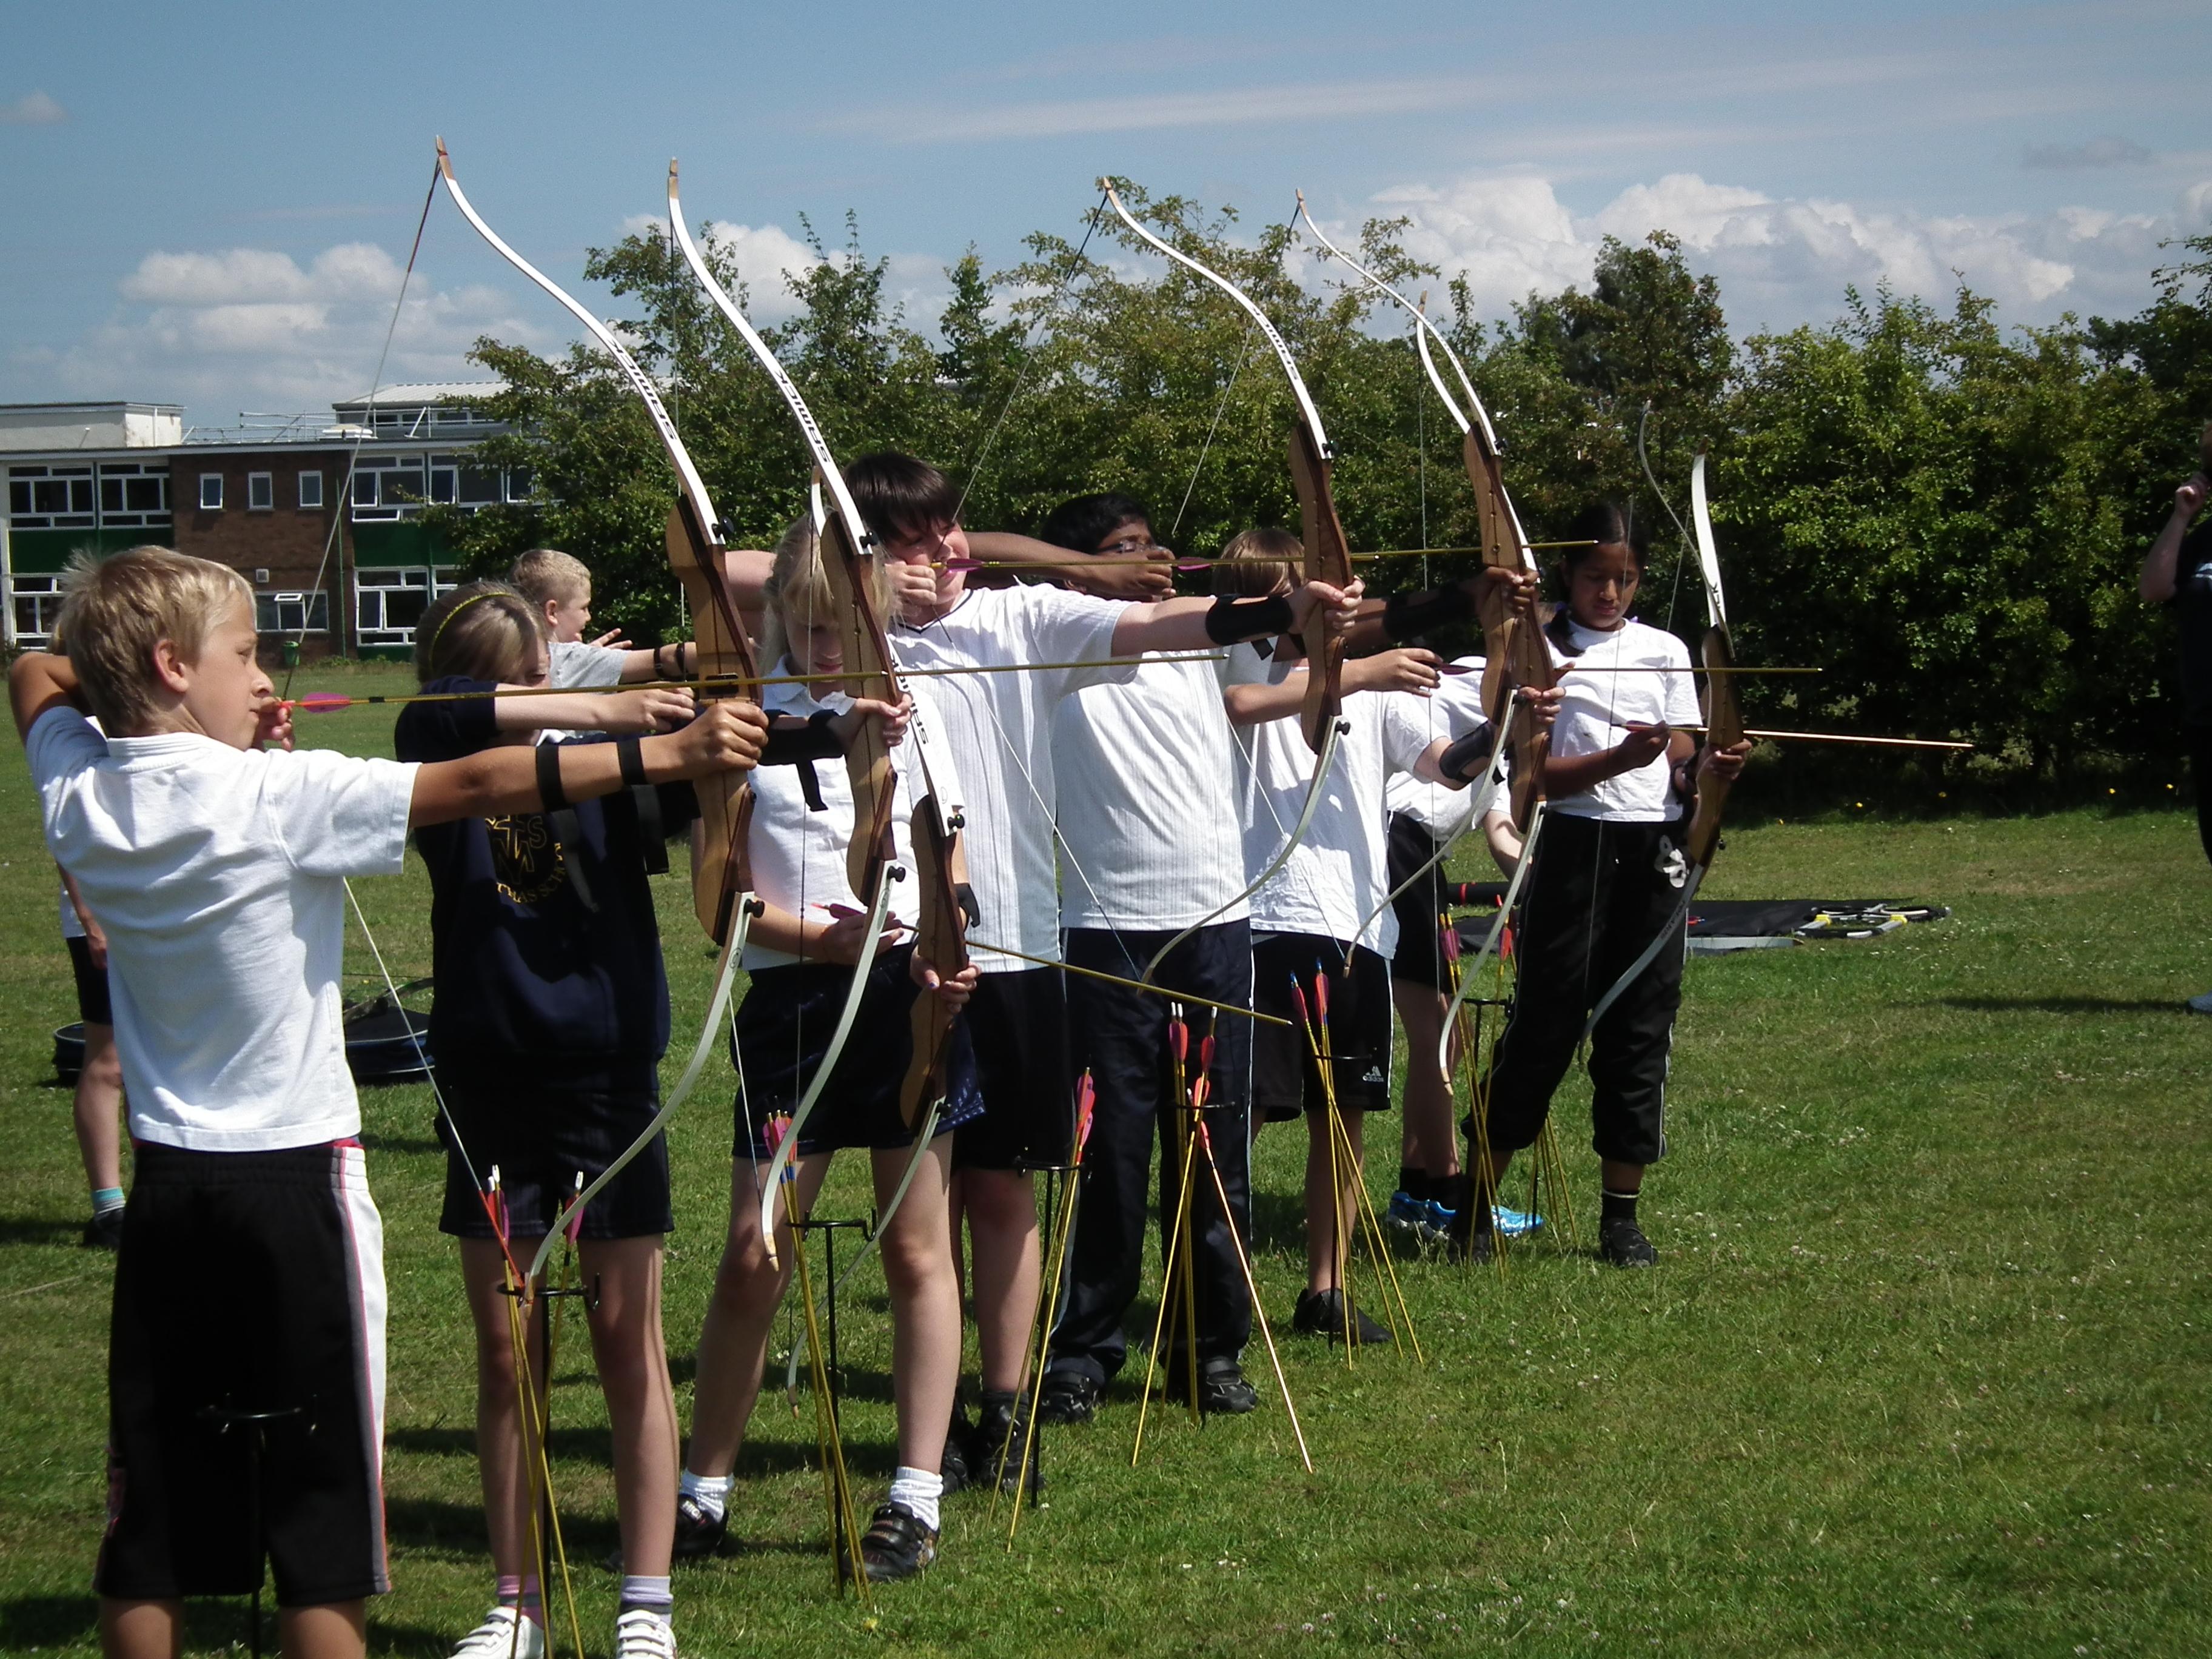 Primary school archery